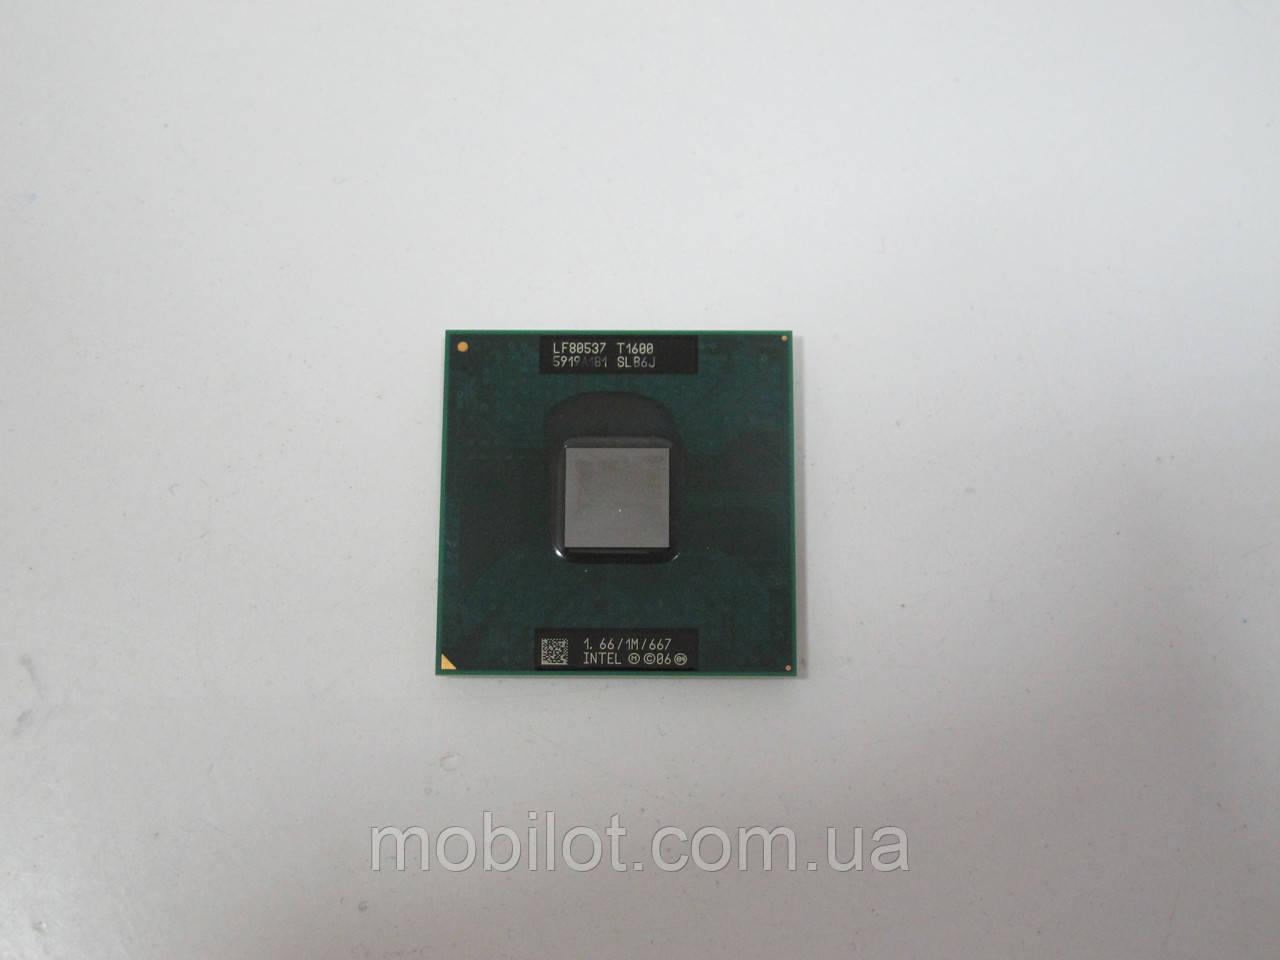 Процессор Intel Celeron T1600 (NZ-6082)